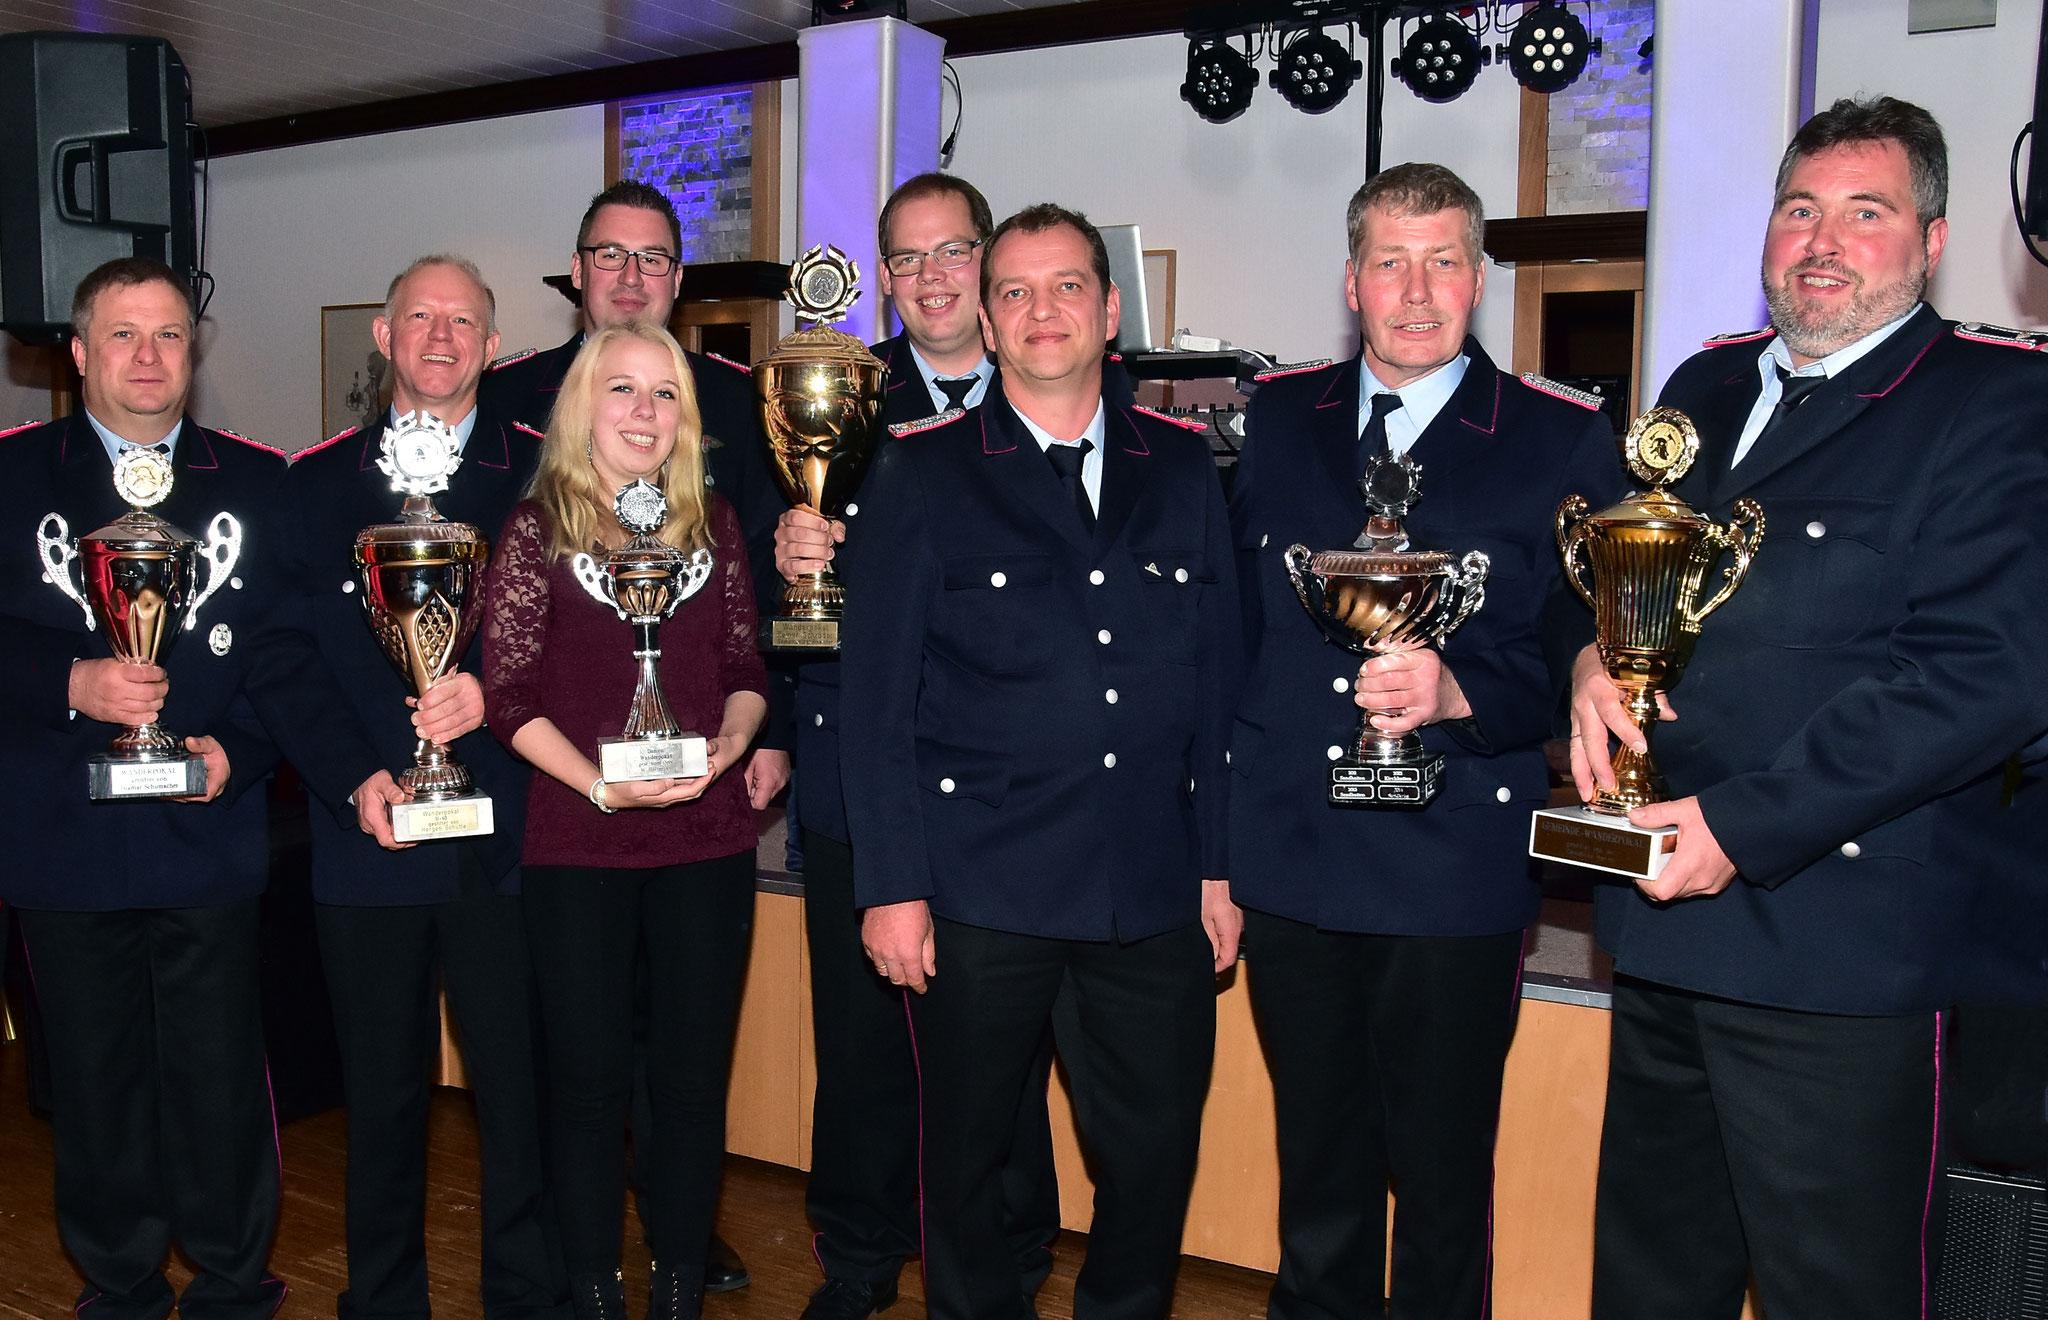 Die Besten des Gemeindewettkampfes am Samstag vor einer Woche konnten sich über Pokale freuen.